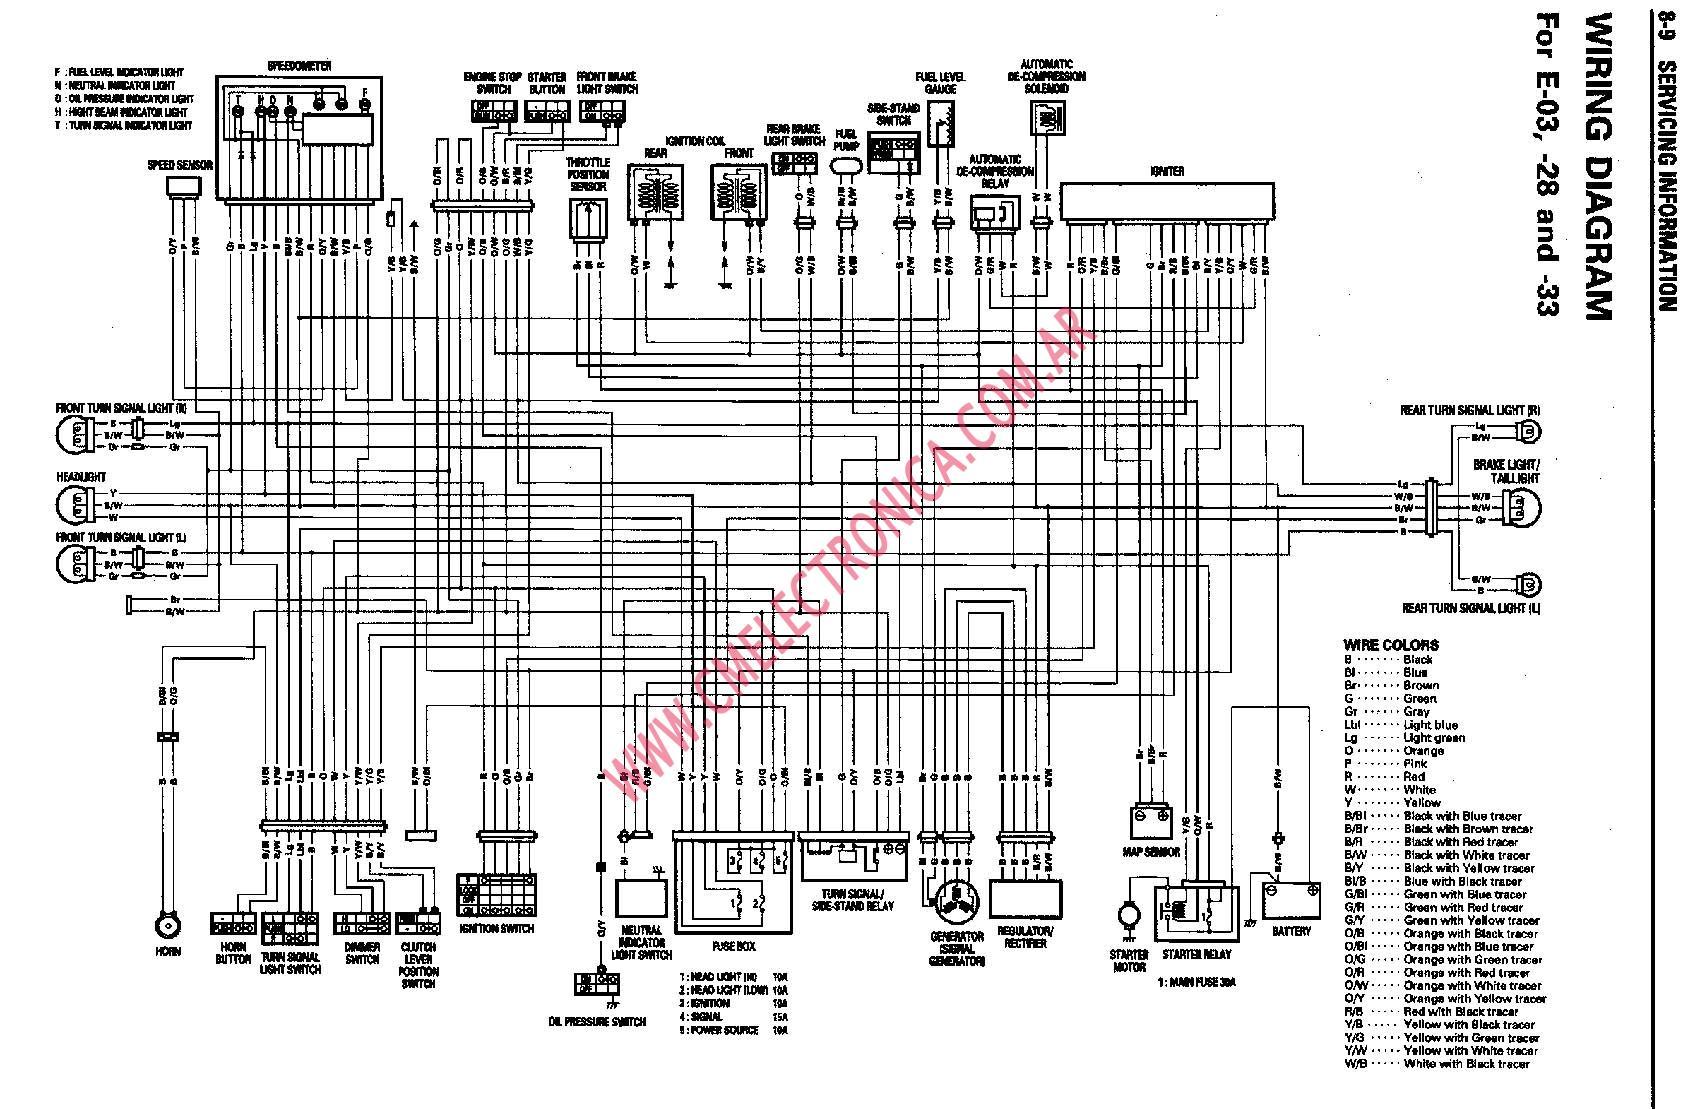 suzuki vl 1500 fuse box schematics wiring diagrams u2022 rh seniorlivinguniversity co 2002 suzuki intruder 1500 fuse box 1999 suzuki intruder 1500 fuse box